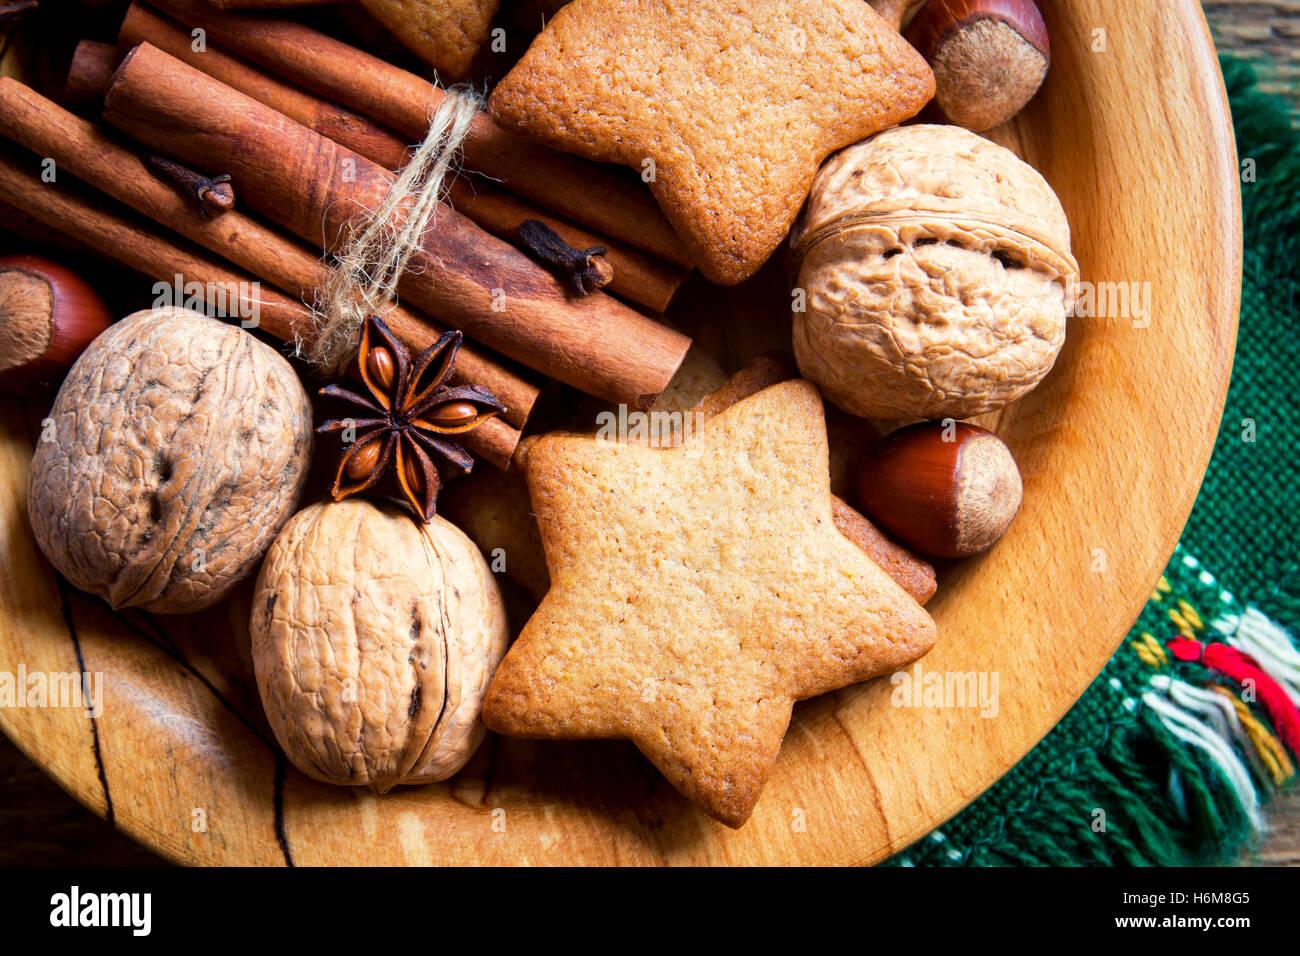 Rustikale Weihnachts-Dekoration mit Lebkuchen, Nüssen und weihnachtlichen Gewürzen über Holzplatte Stockbild